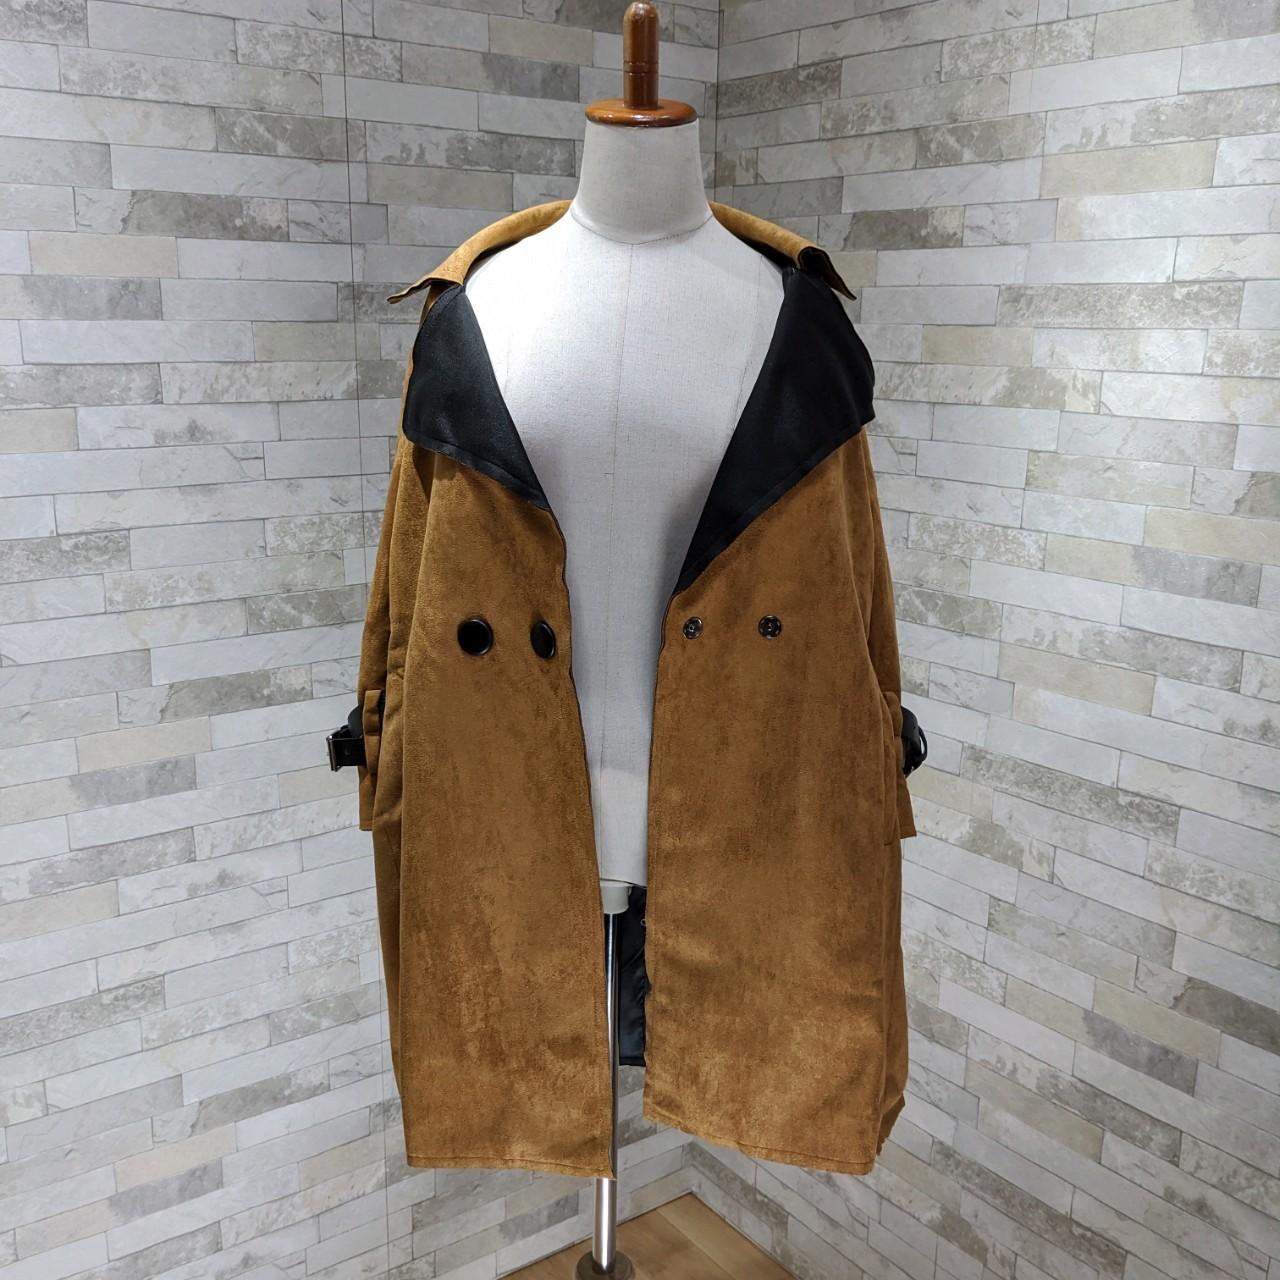 【即納】韓国 ファッション アウター レザージャケット コート 秋 冬 パーティー ブライダル SPTXG910  革ベルト風 エコスエード ジャケット ショート 二次会 セレブ きれいめの写真14枚目